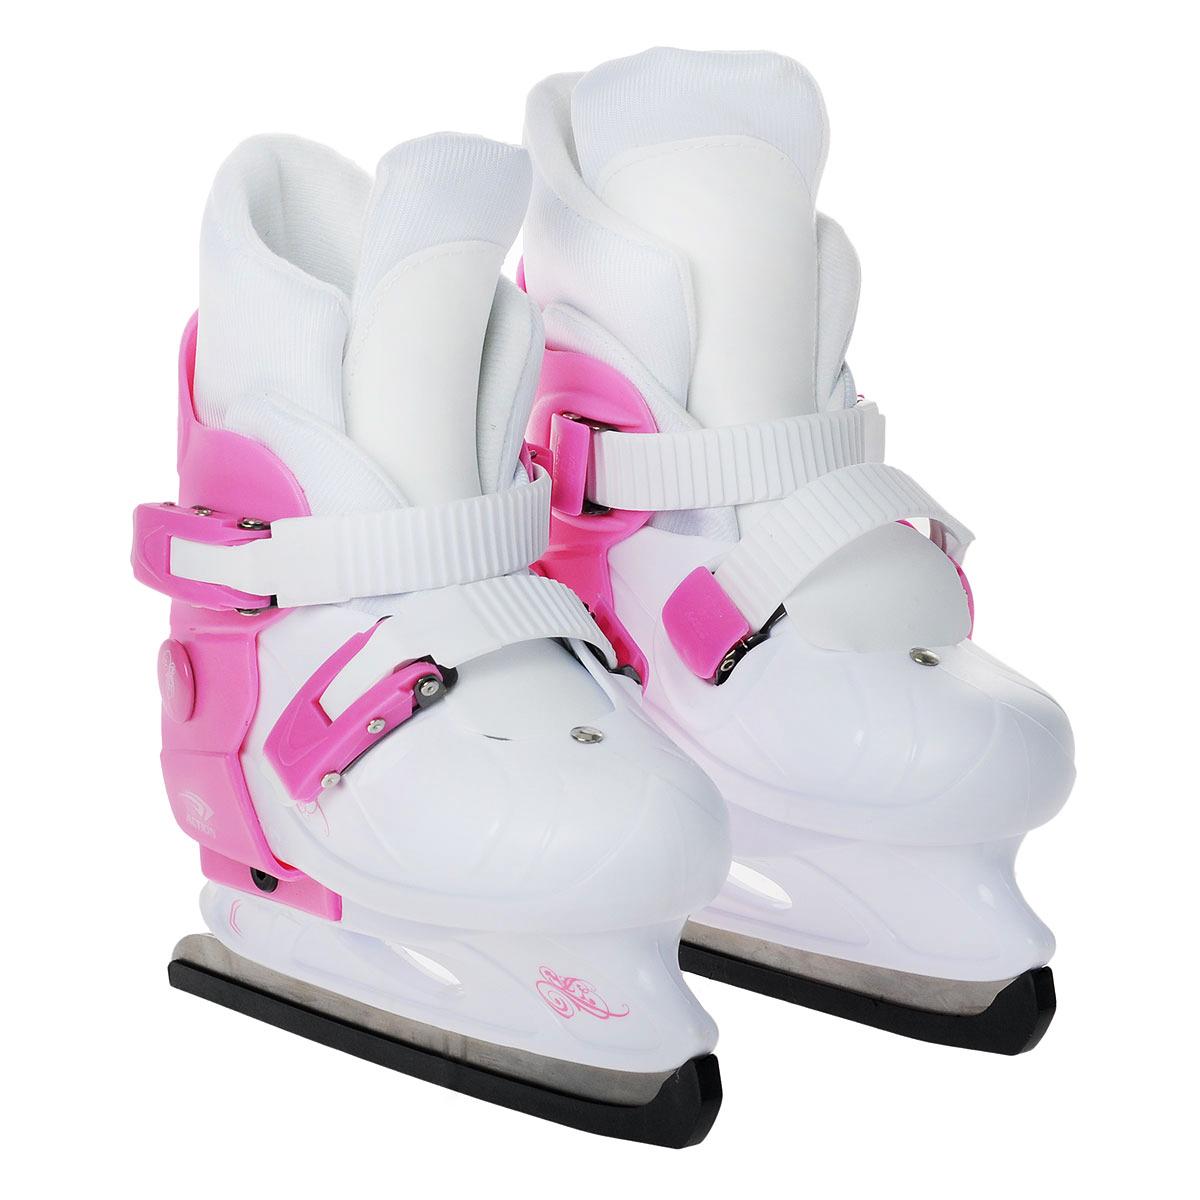 Коньки детские Action PW-219, раздвижные, цвет: розовый, белый. Размер 29/32Action PW-219-1 2013-2014 Pink-White_29/32Коньки Action PW-219 предназначены для любительского катания на искусственном и естественном льду, произведены из современных высококачественных материалов. Удобно, комфортно и просто изменить размер коньков. Удобный и надежный механизм застегивания, включающий две клипсы с фиксаторами, а так же специальная манжета, облегчающая ступню, делают катание на этих коньках безопасным и комфортным. Лезвие изготовлено из нержавеющей стали.